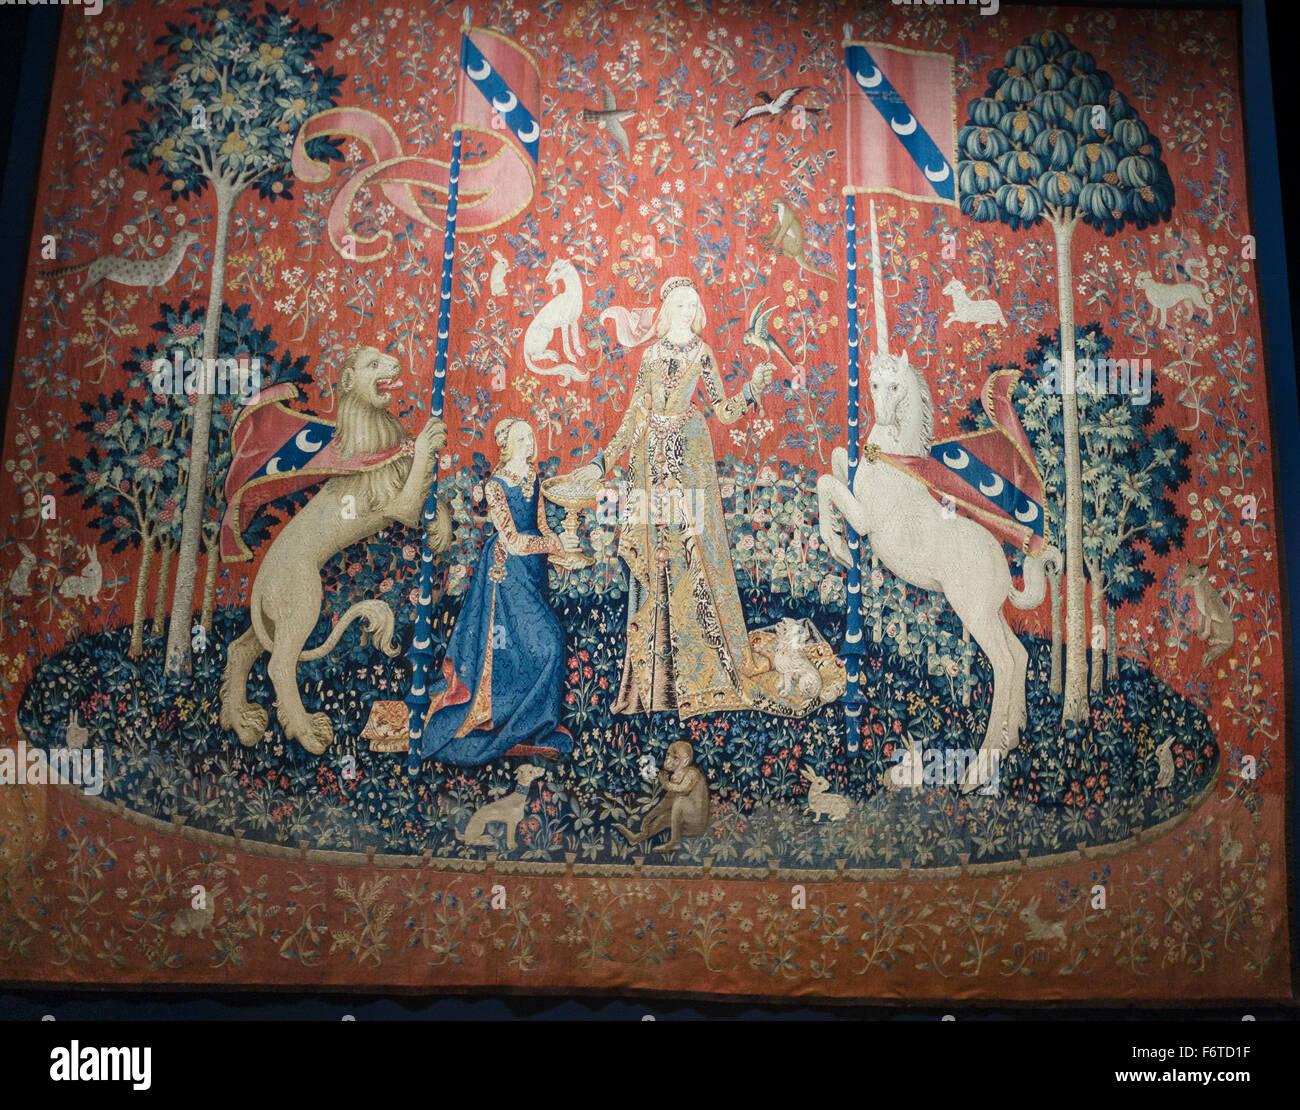 Dame à la Licorne tapisserie: goût. L'un d'une série de tapisseries célèbres Photo Stock